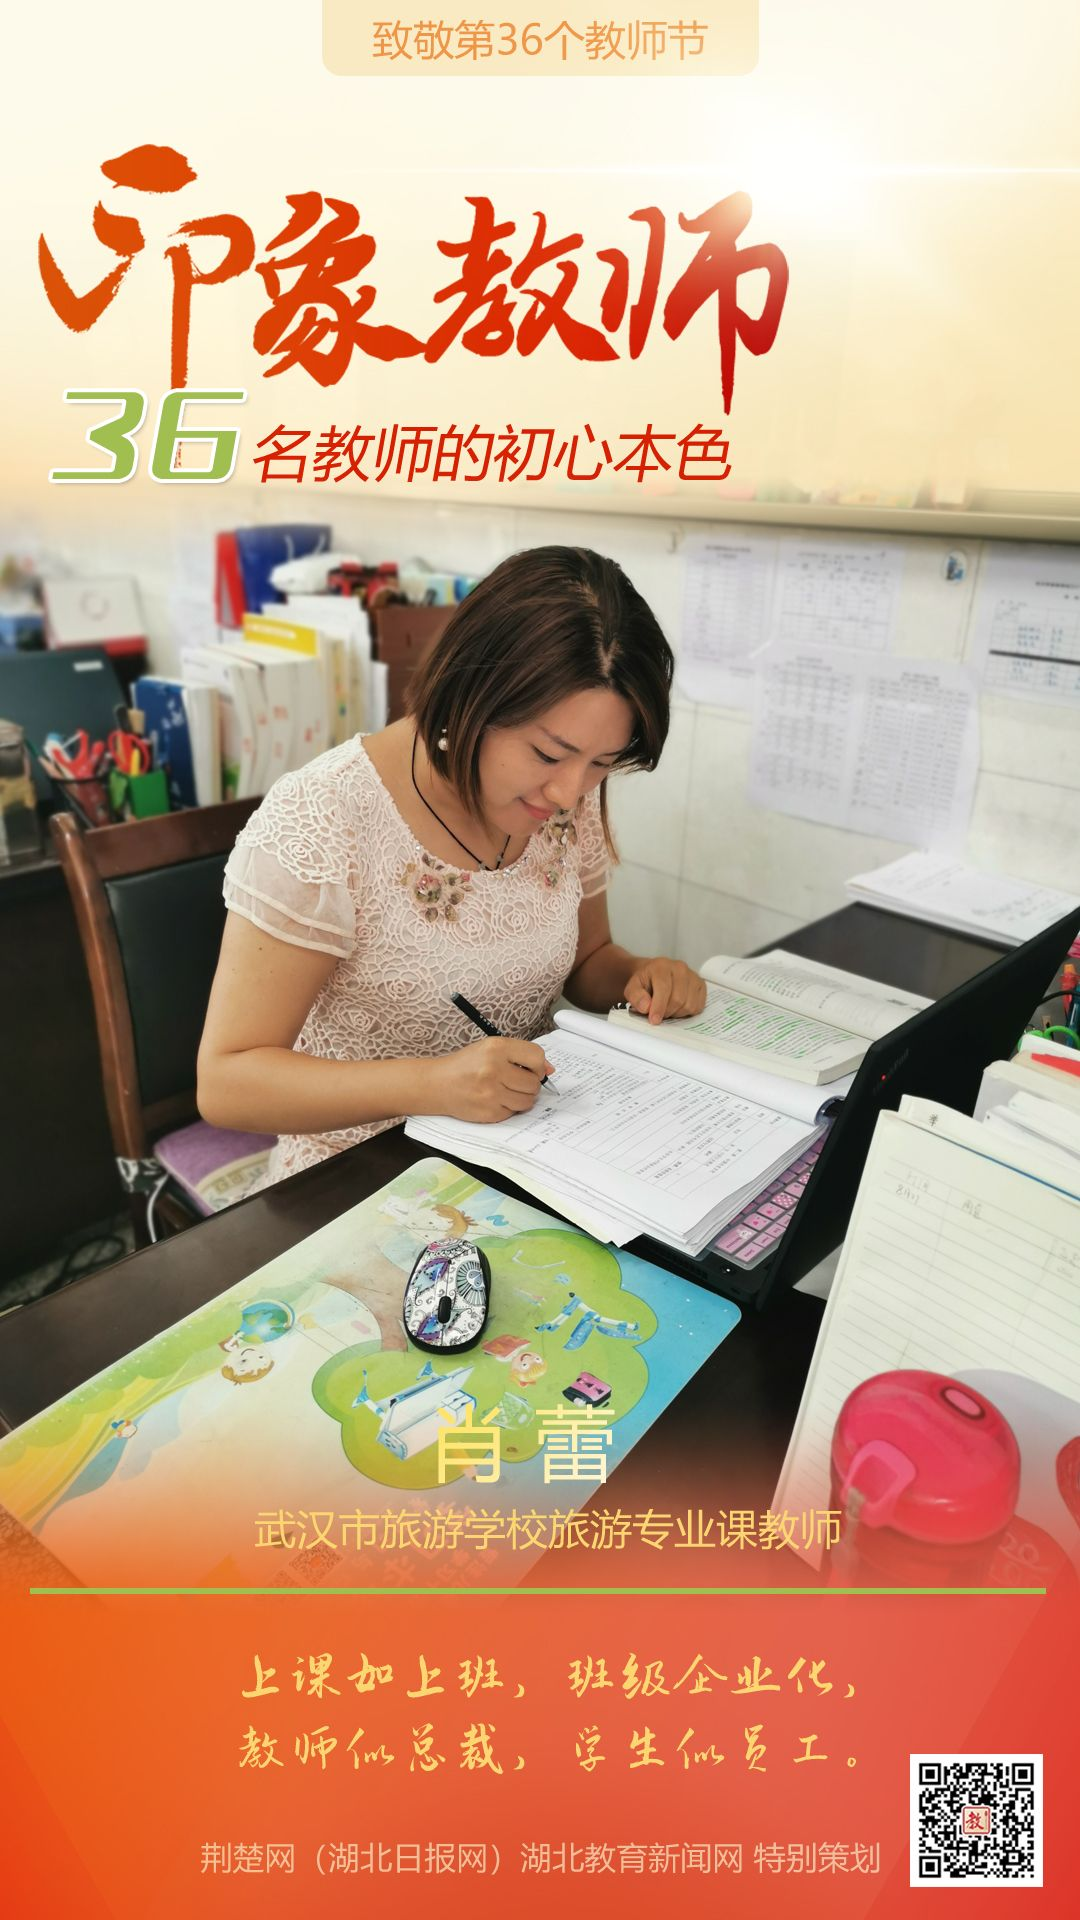 致敬第36个教师节!江汉区36名印象教师的初心本色